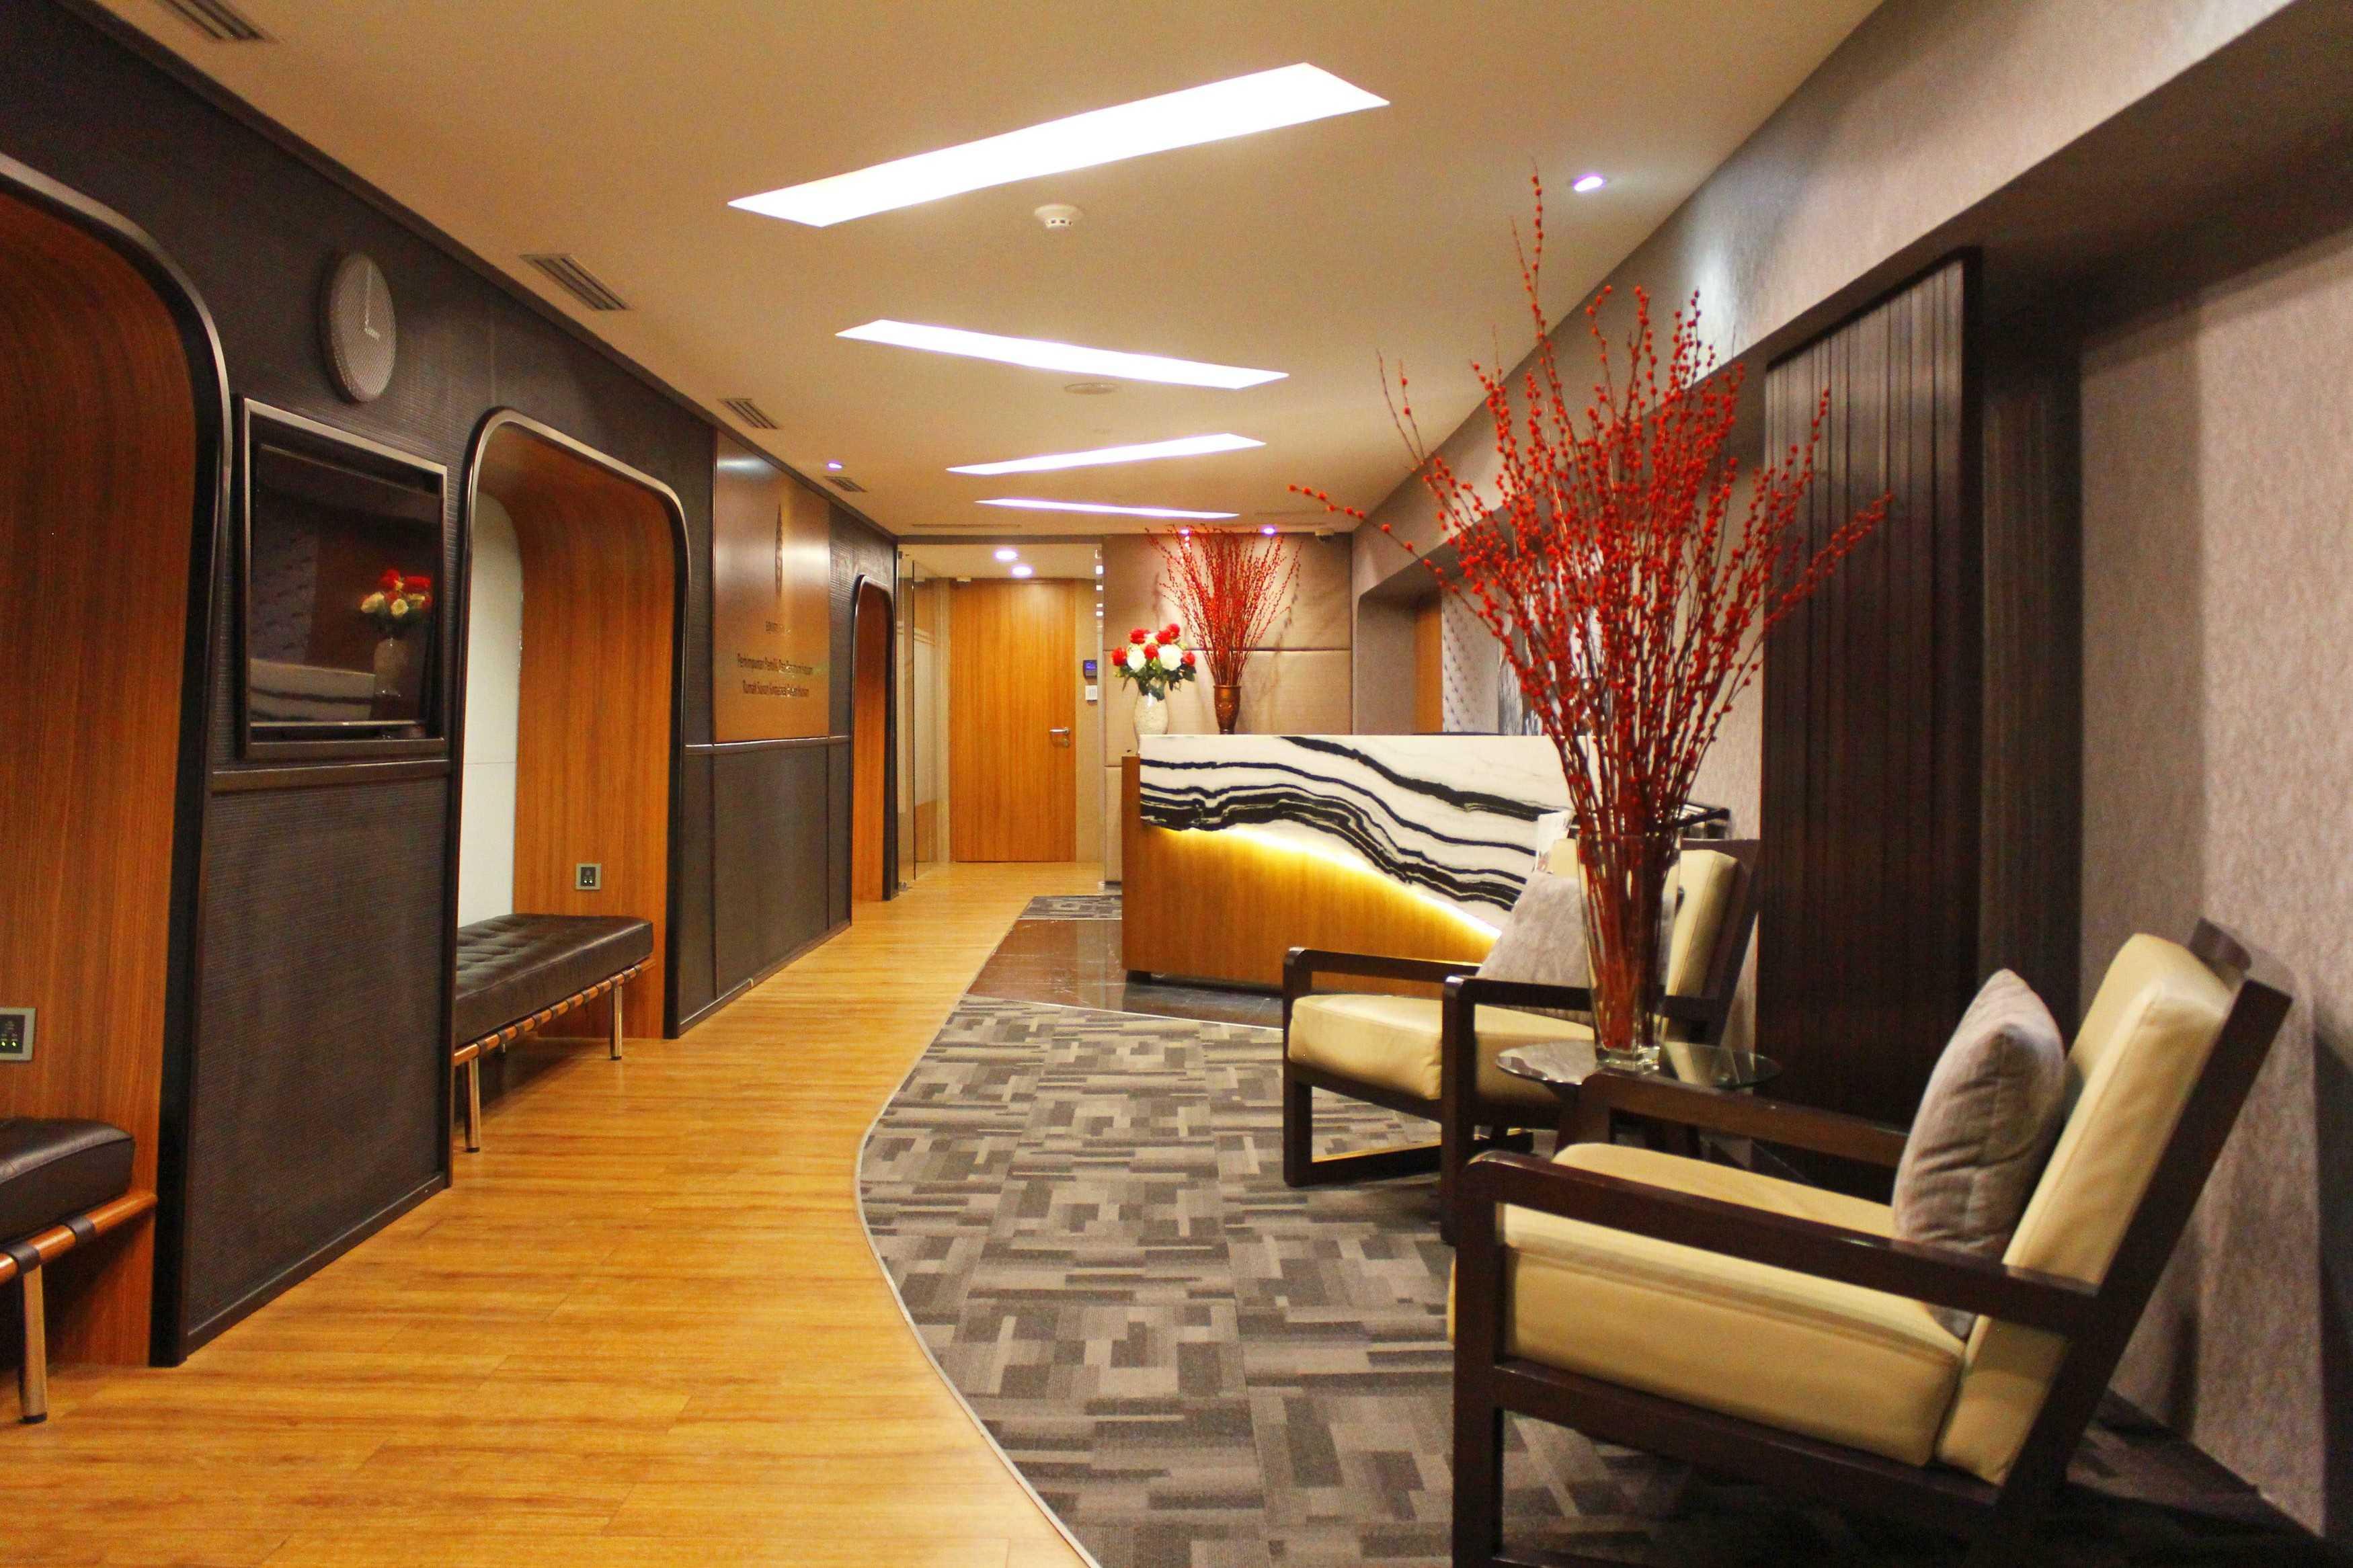 Kotak Design Equity Tower Building Management Office Jakarta, Daerah Khusus Ibukota Jakarta, Indonesia Jakarta, Daerah Khusus Ibukota Jakarta, Indonesia Foyer Modern  45612